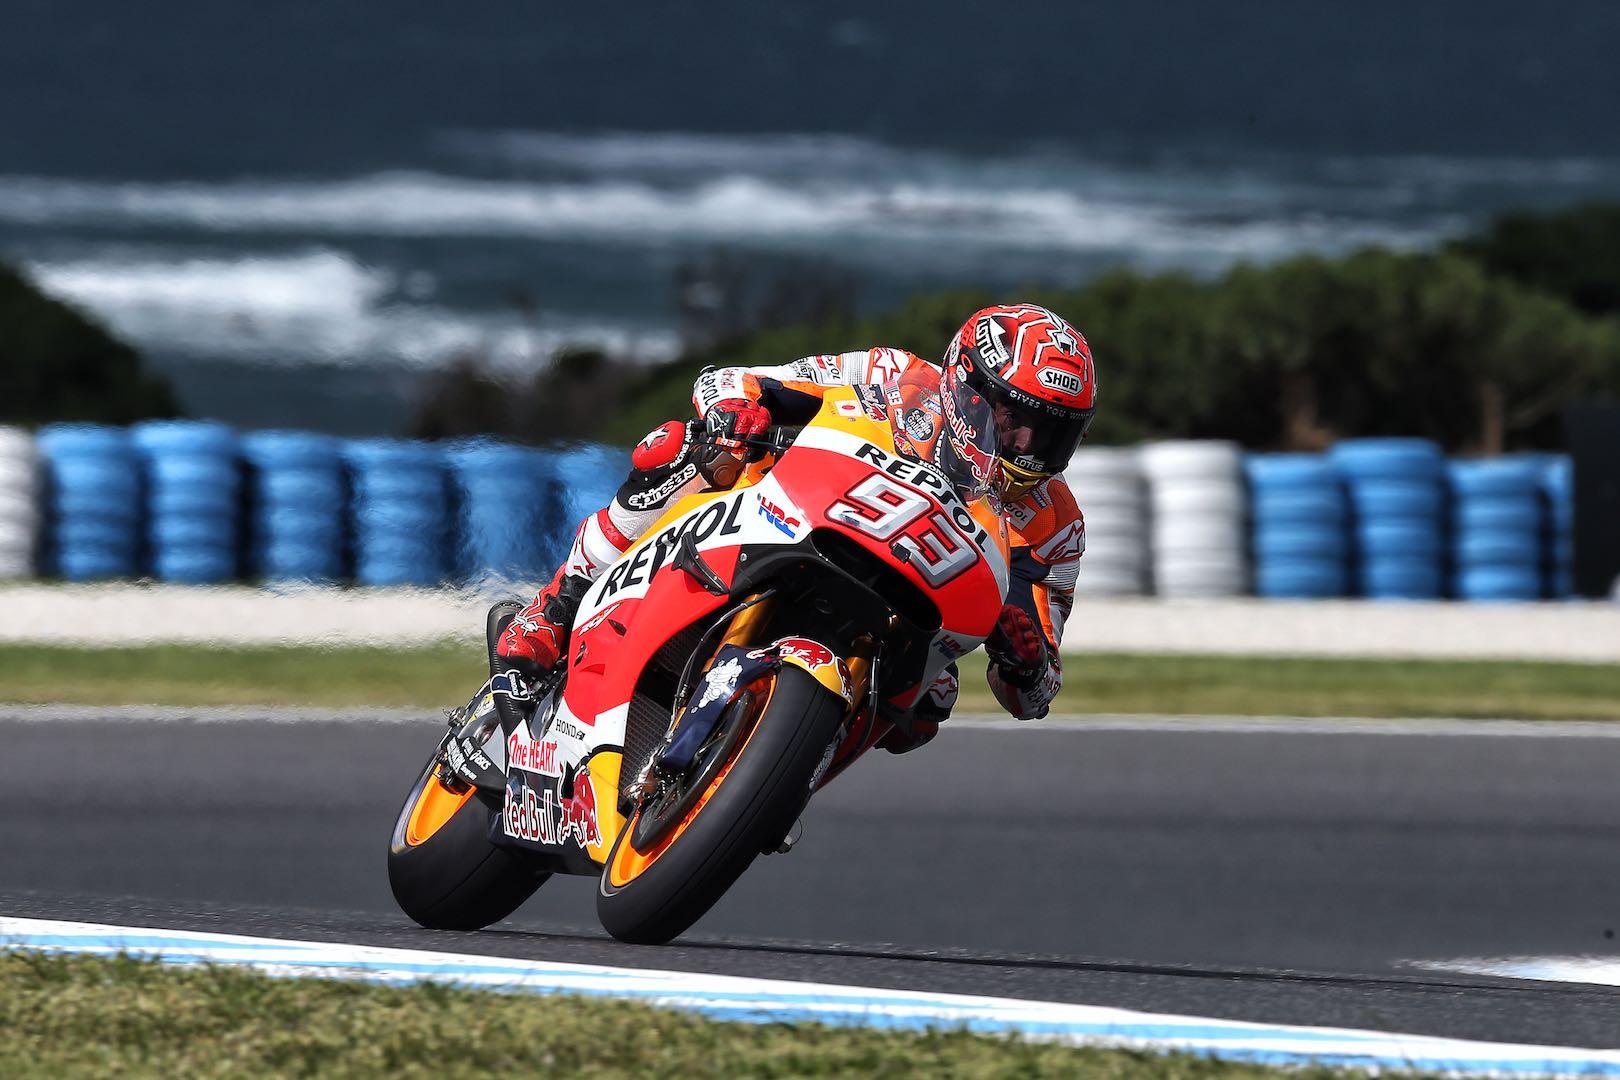 Phillip Island MotoGP Qualifying 2016 | Marquez on Pole in Australia